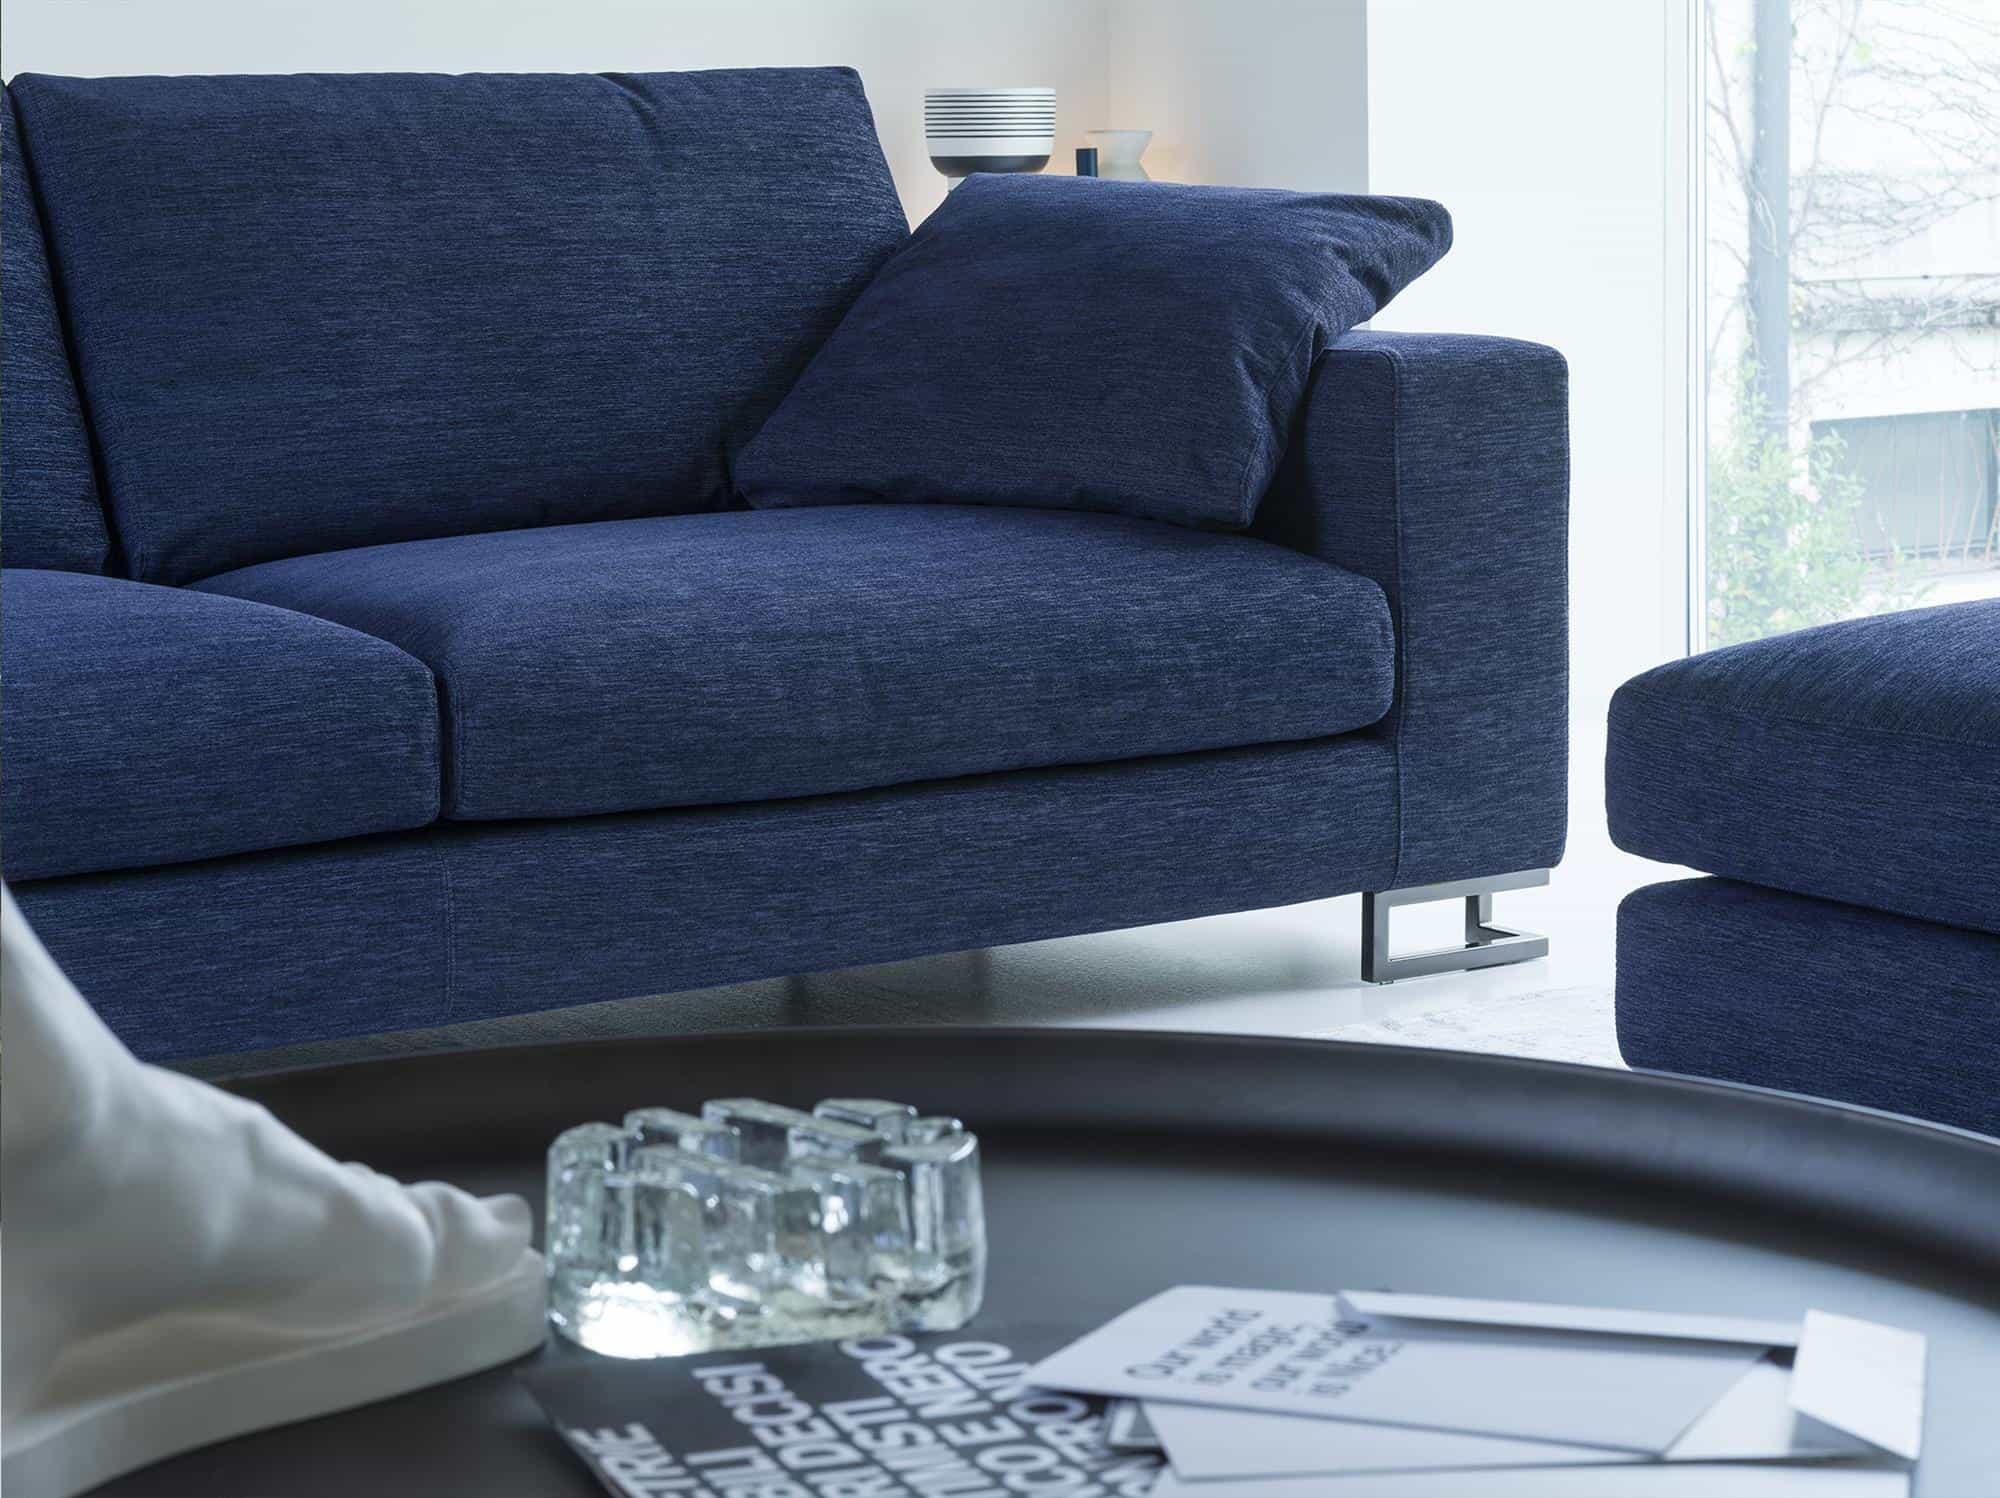 Adriano – A sostegno di un comodo riposo è disponibile il cuscino decorativo 55×55  – Sintonia Blu